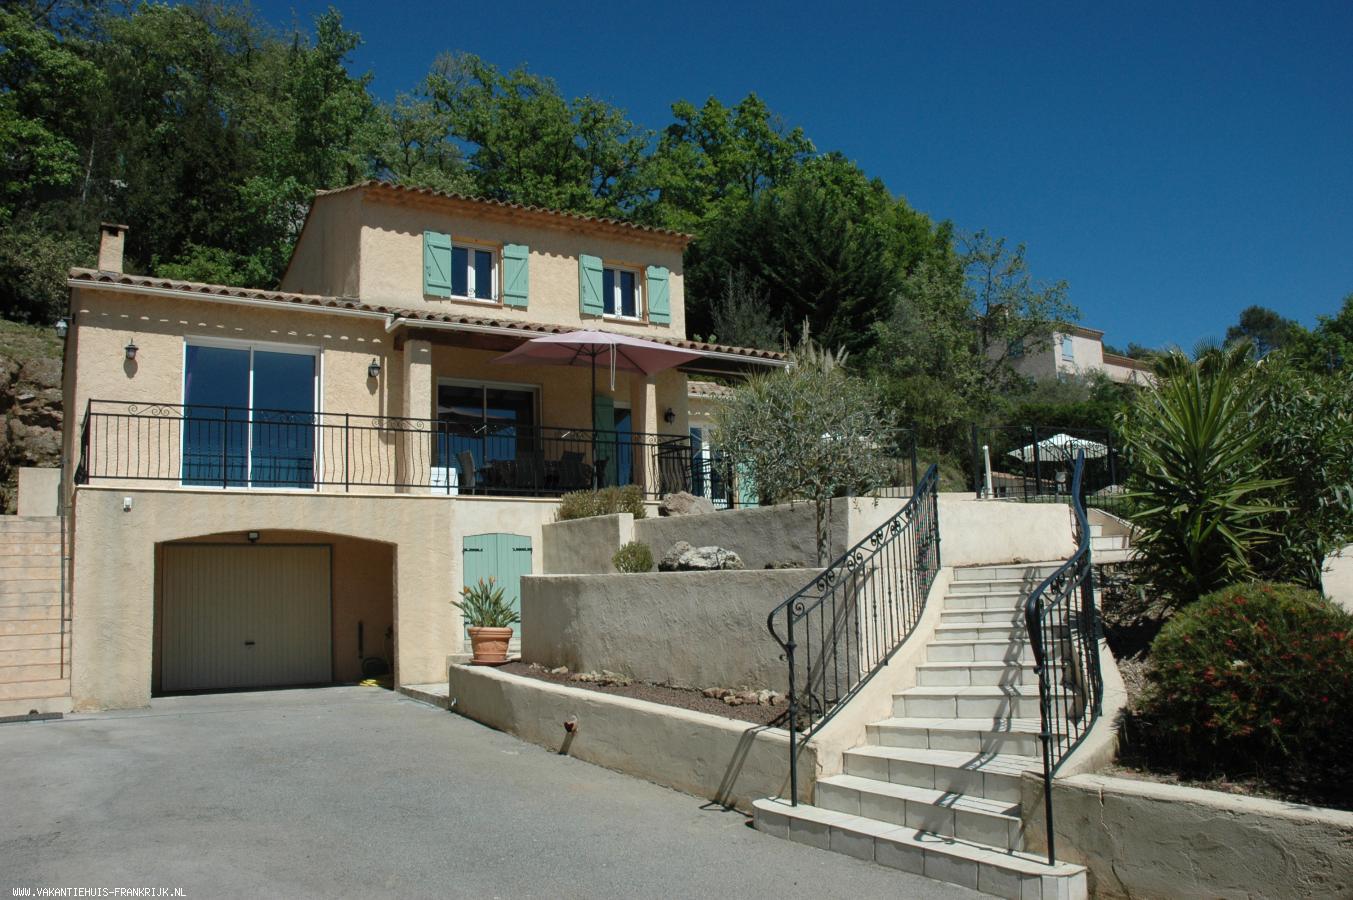 Vakantiehuis: Overwinteren of zomer 2020. Villa in de Provence nabij Côte d'Azur te huur voor uw vakantie in Var (Frankrijk)